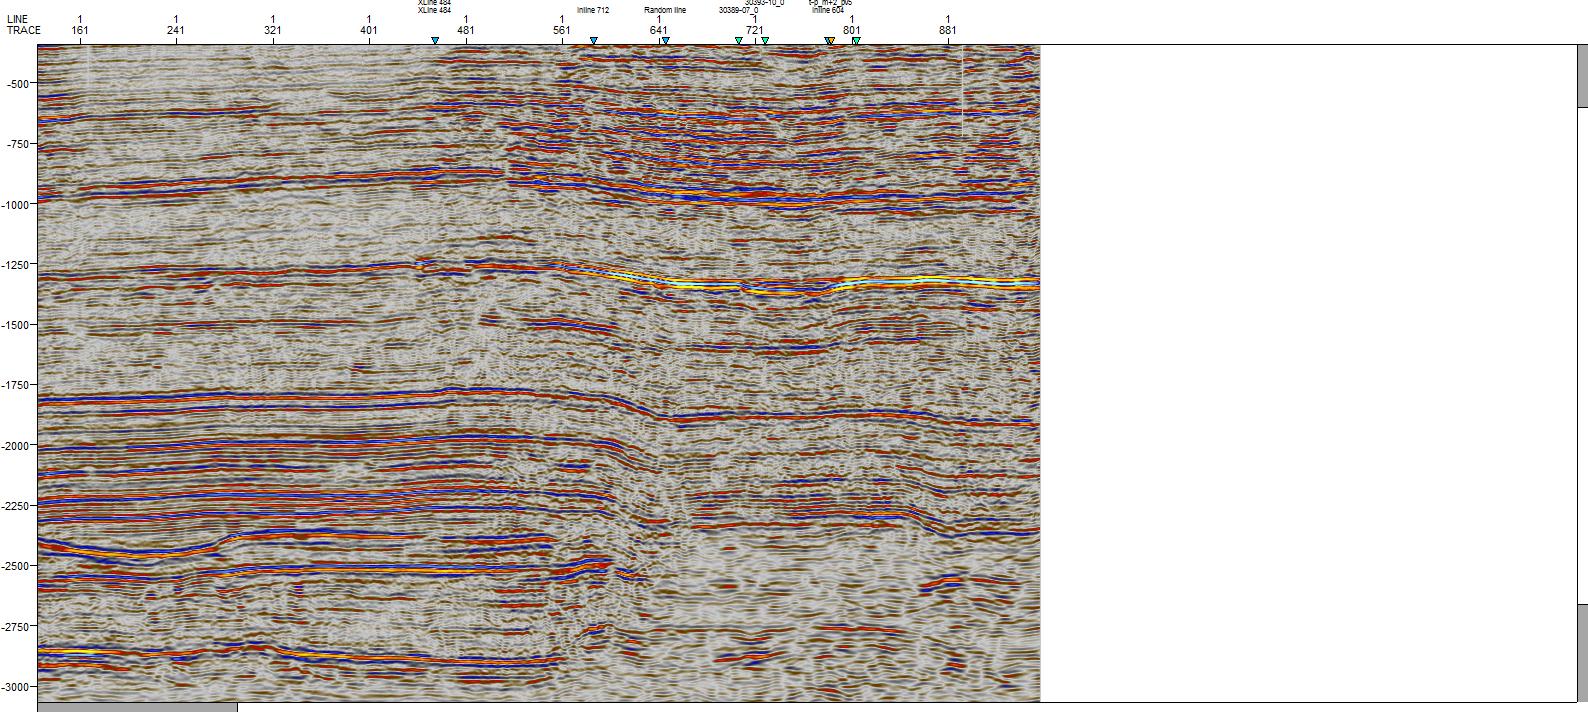 Пример волновой картины по сейсмическому профилю